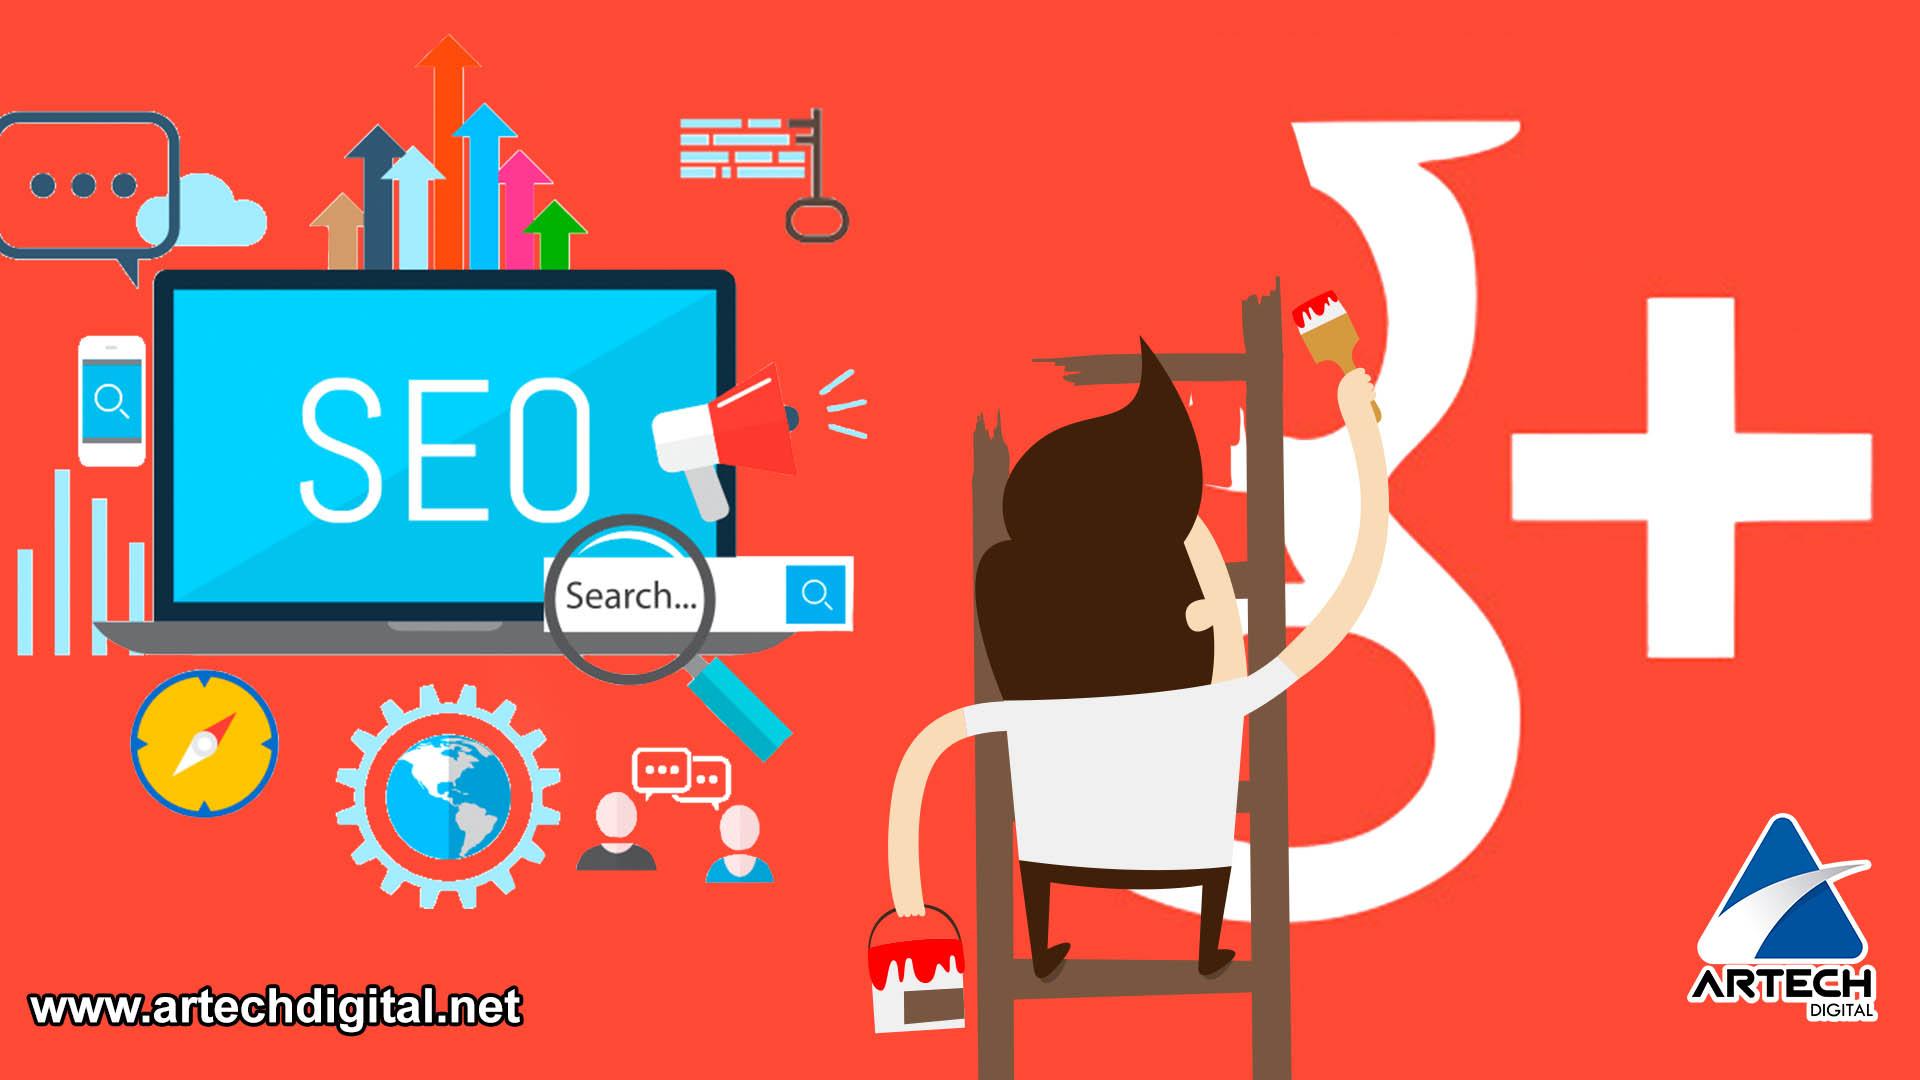 Artech Digital - Google Plus